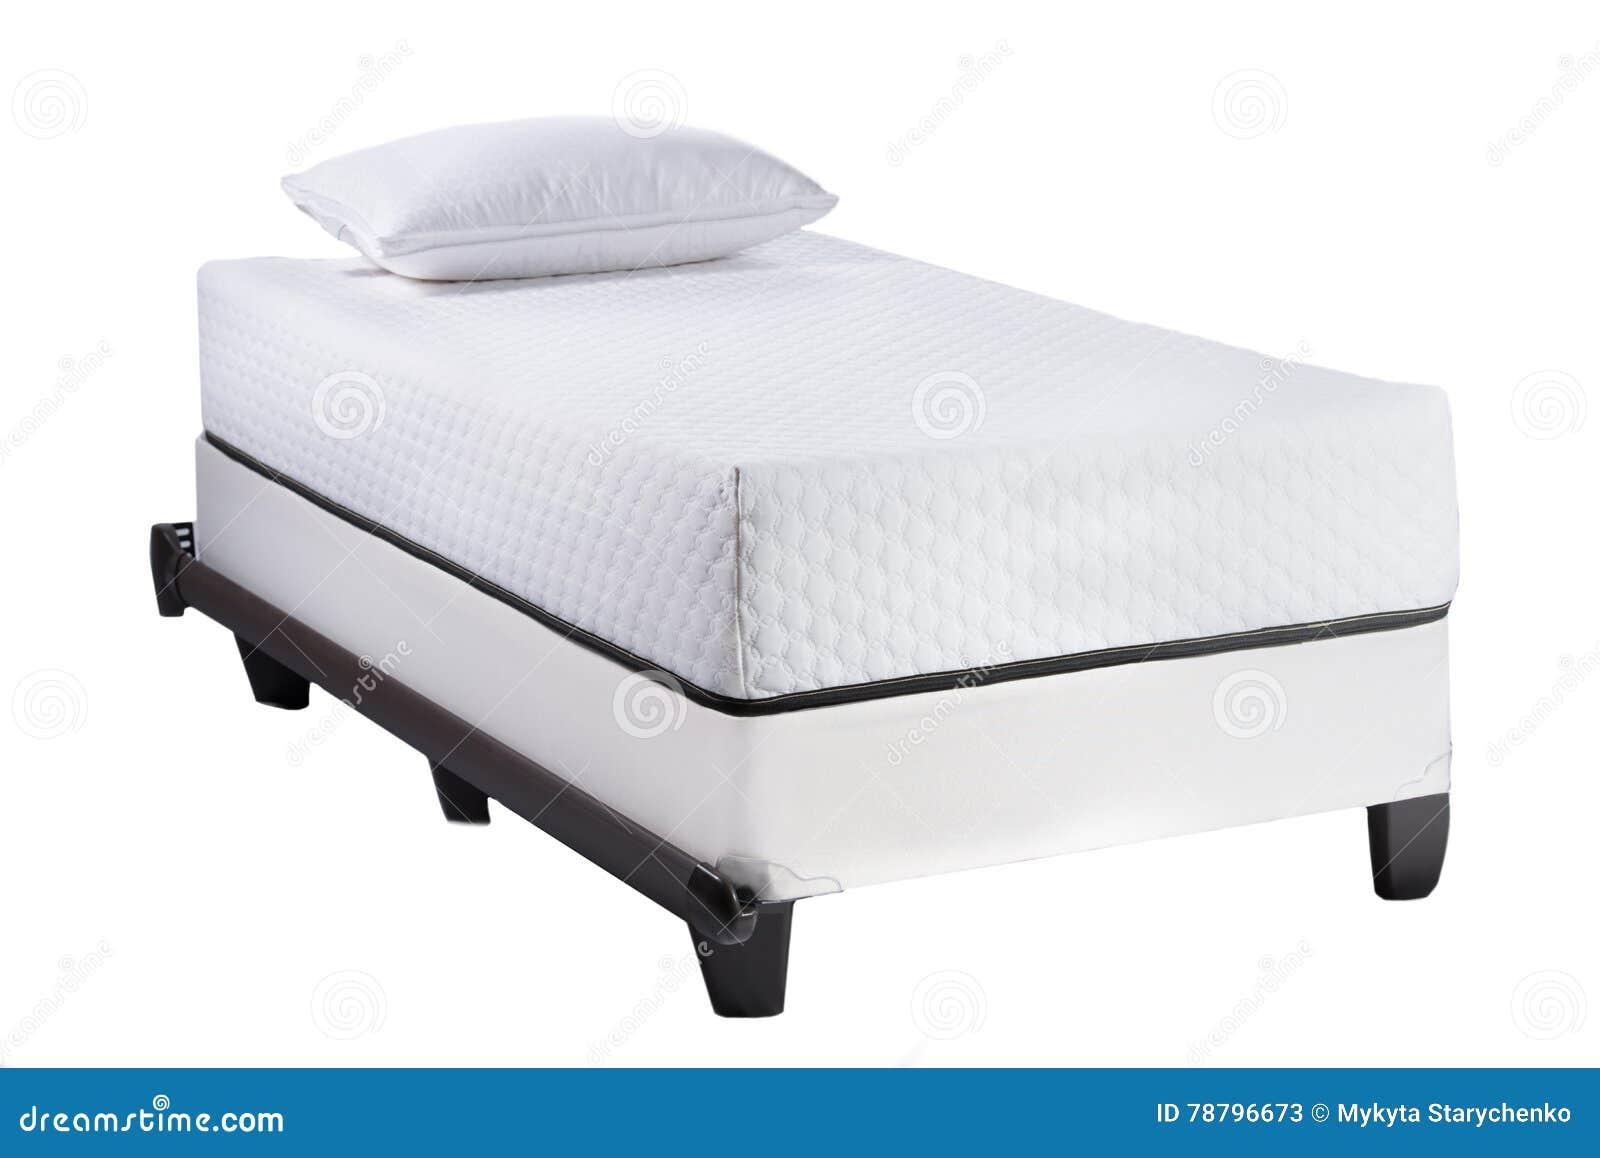 Doppelbettrahmen Mit Weicher Matratze Und Weißen Dem Kissen .